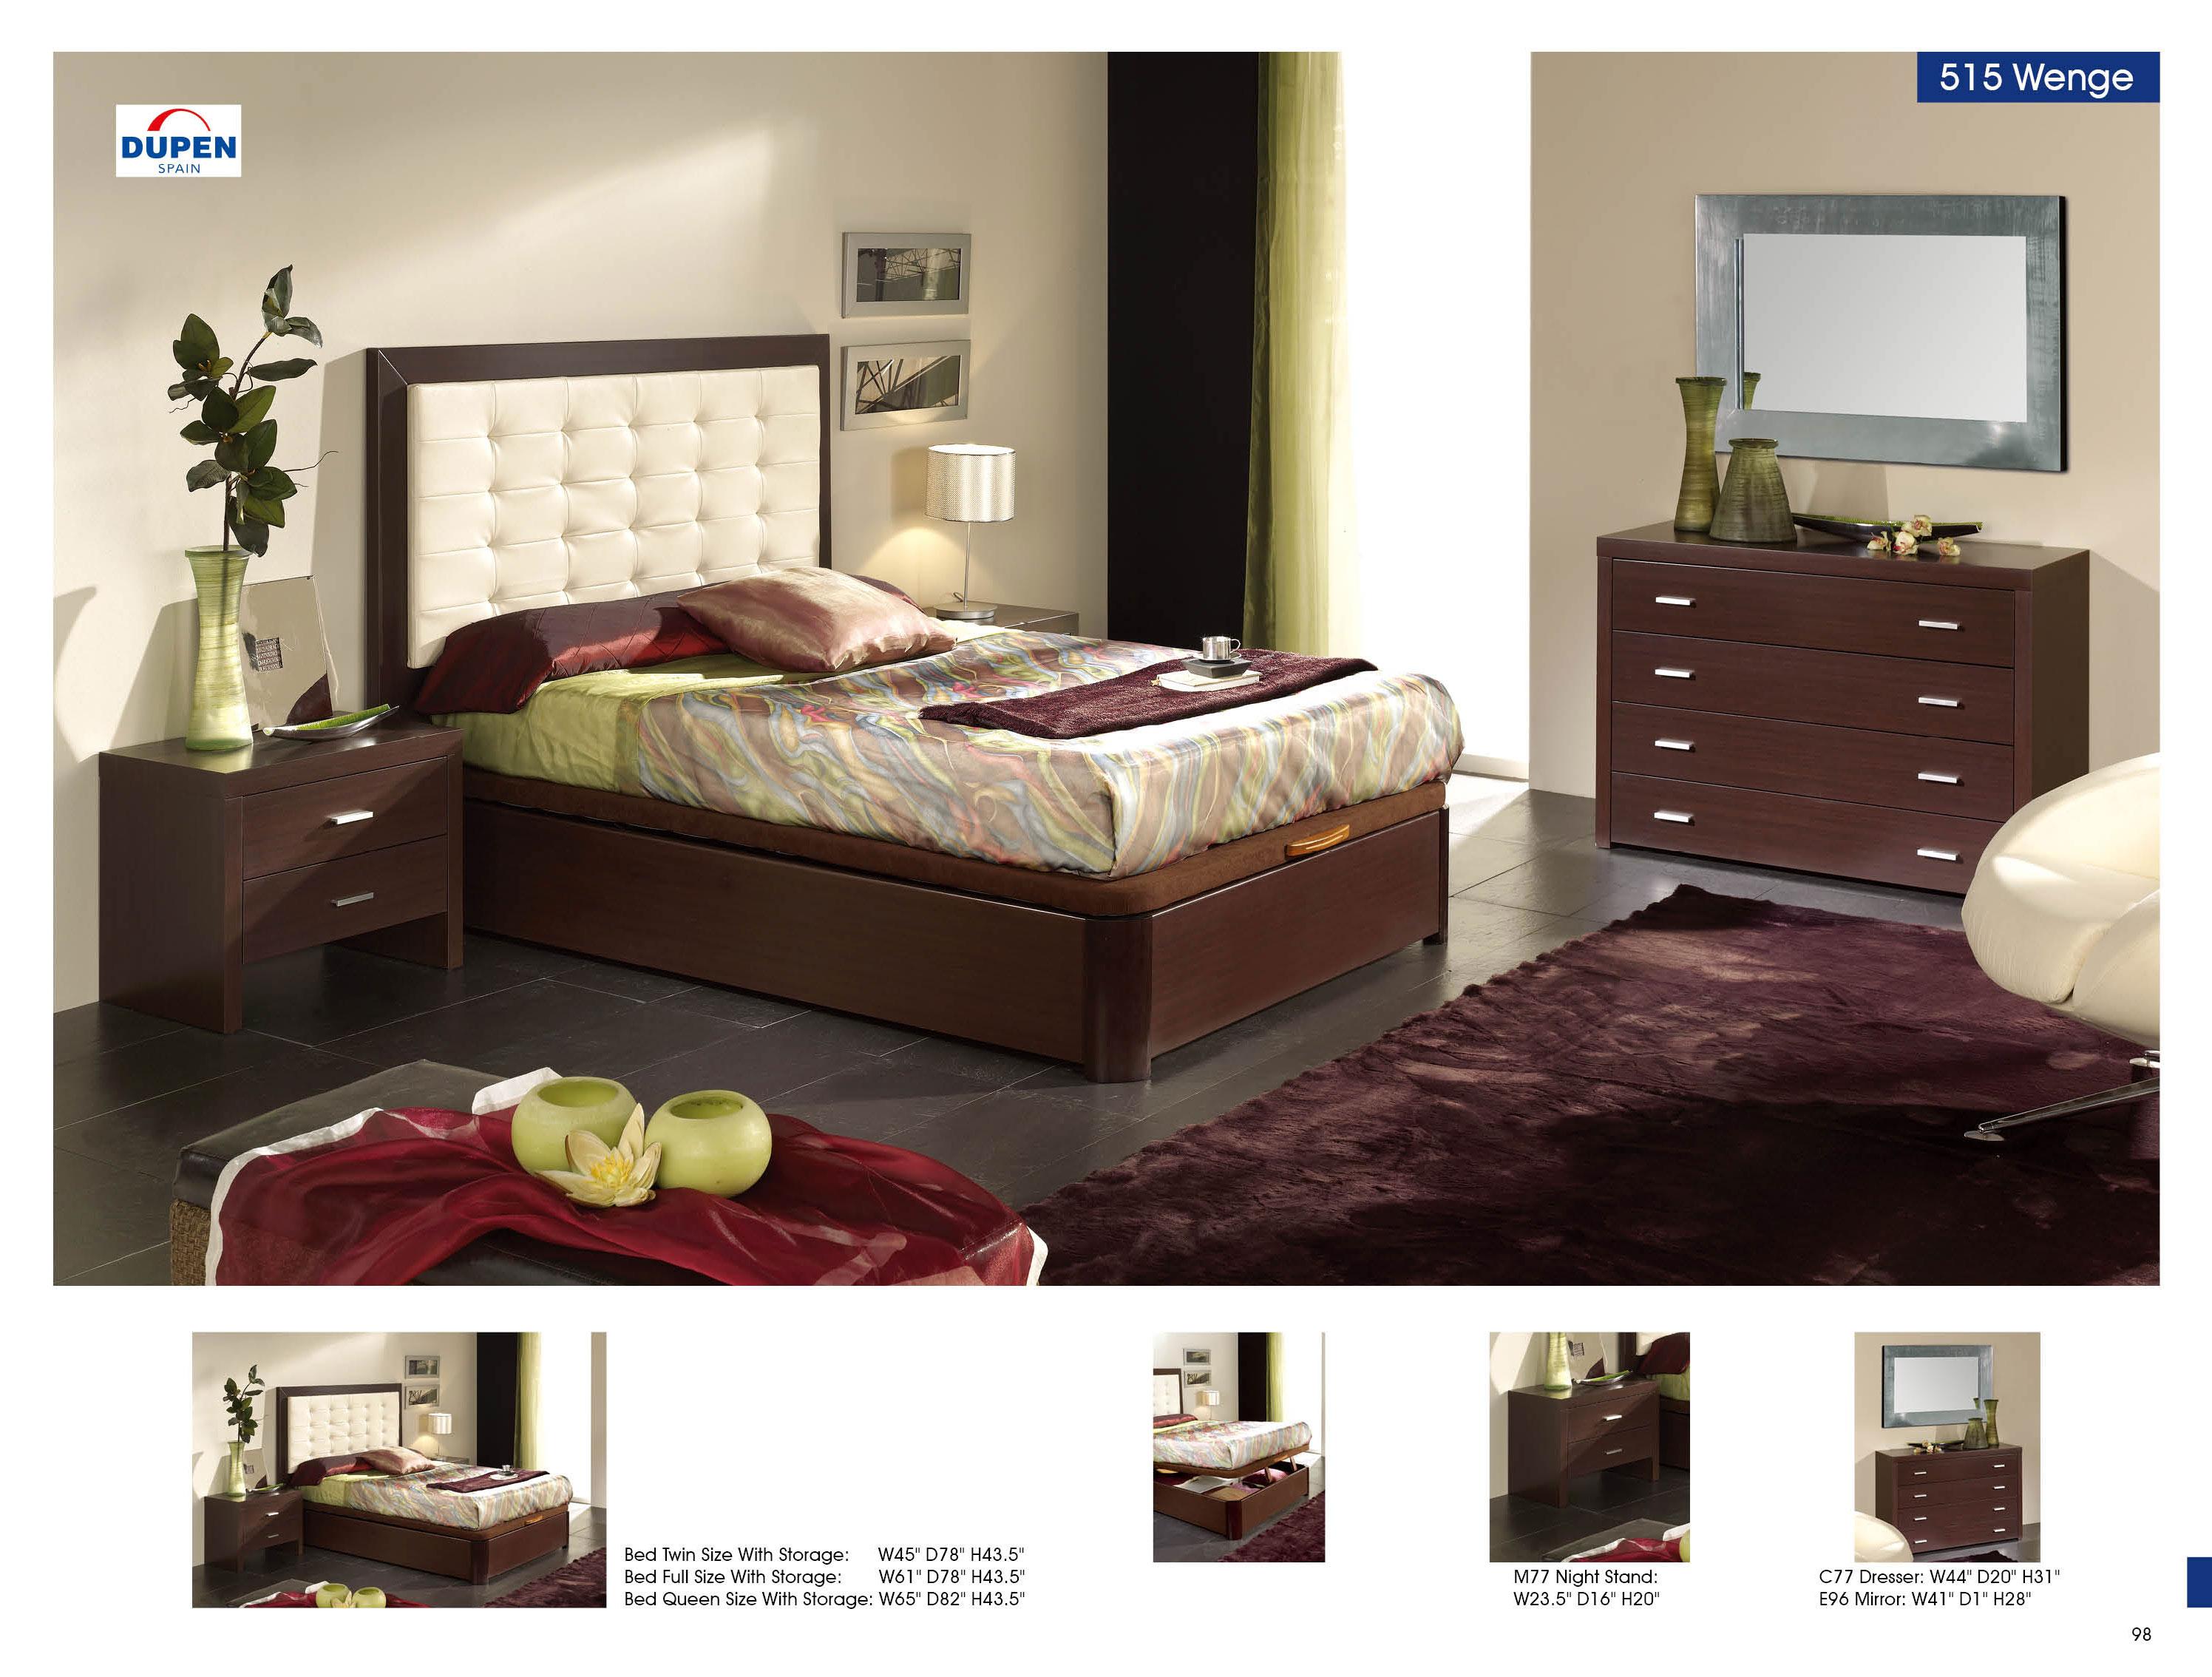 Alicante 515 wenge m77 c77 e96 full size juvenile bedroms juvenile - Juvenile bedroom sets ...